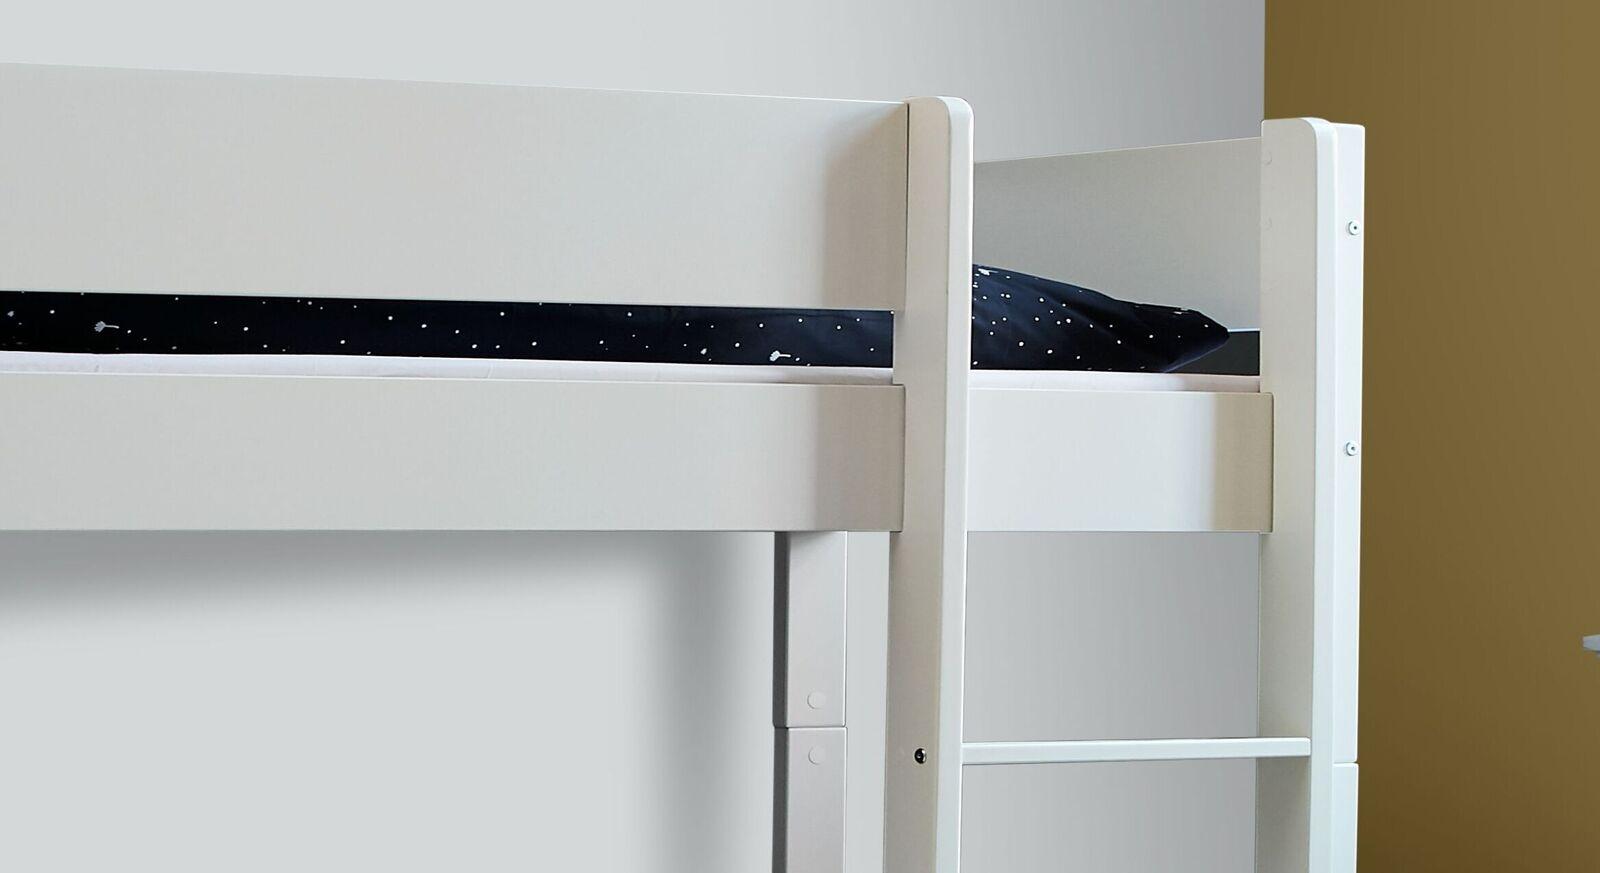 Etagenbett Tacora mit gerader Leiter